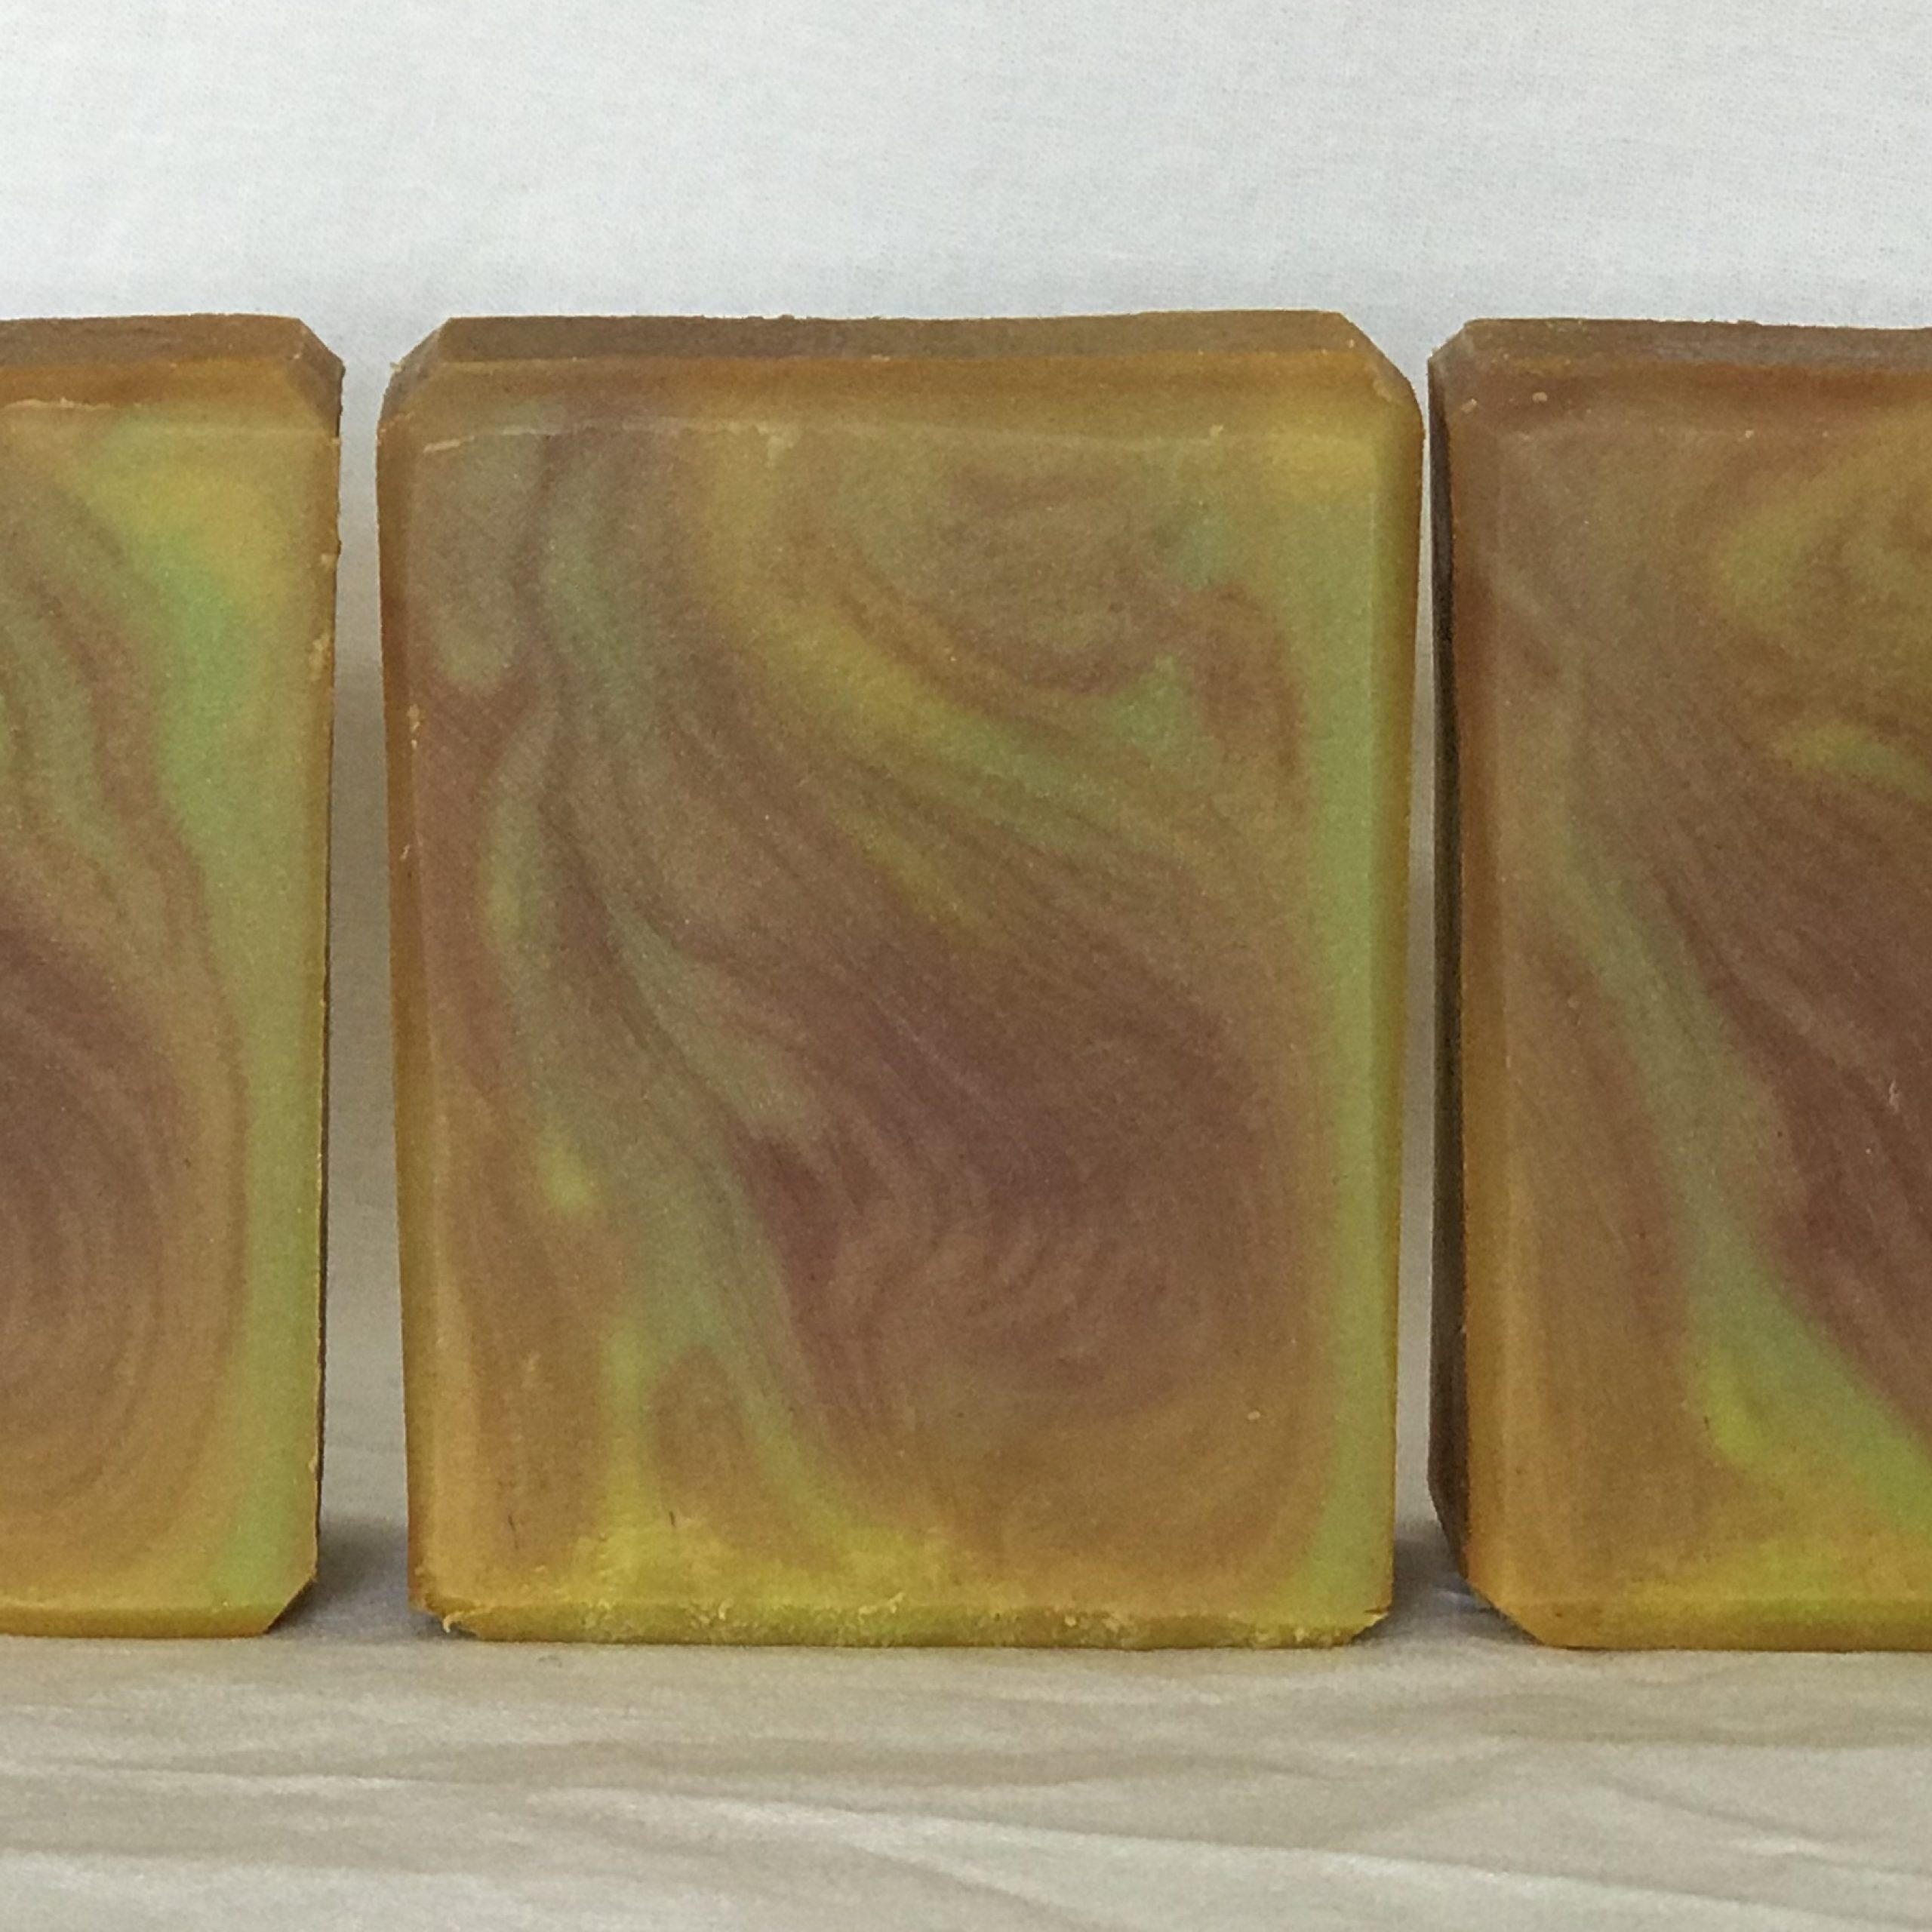 weirdest soap ever